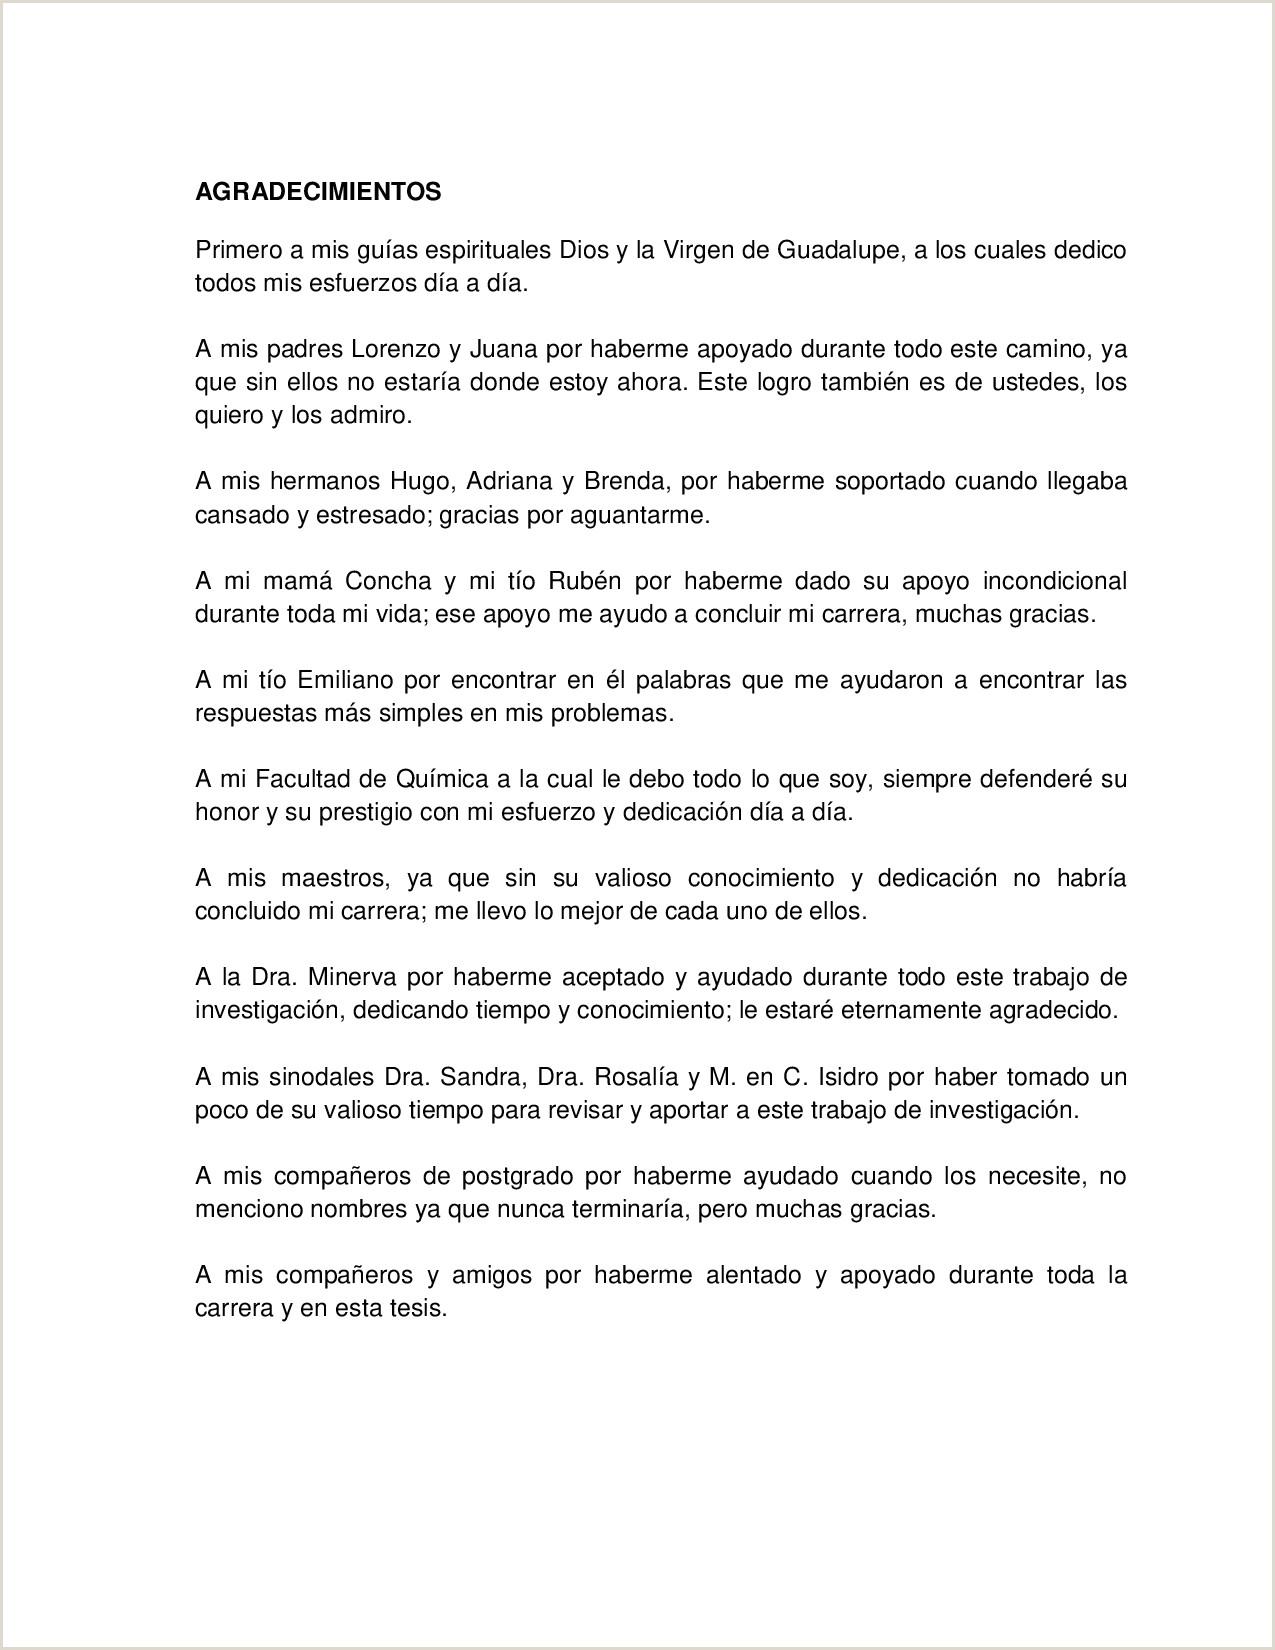 Hacer Mi Hoja De Vida Minerva Primer Examen De Análisis Clnico Ii Da Miércoles 22 De